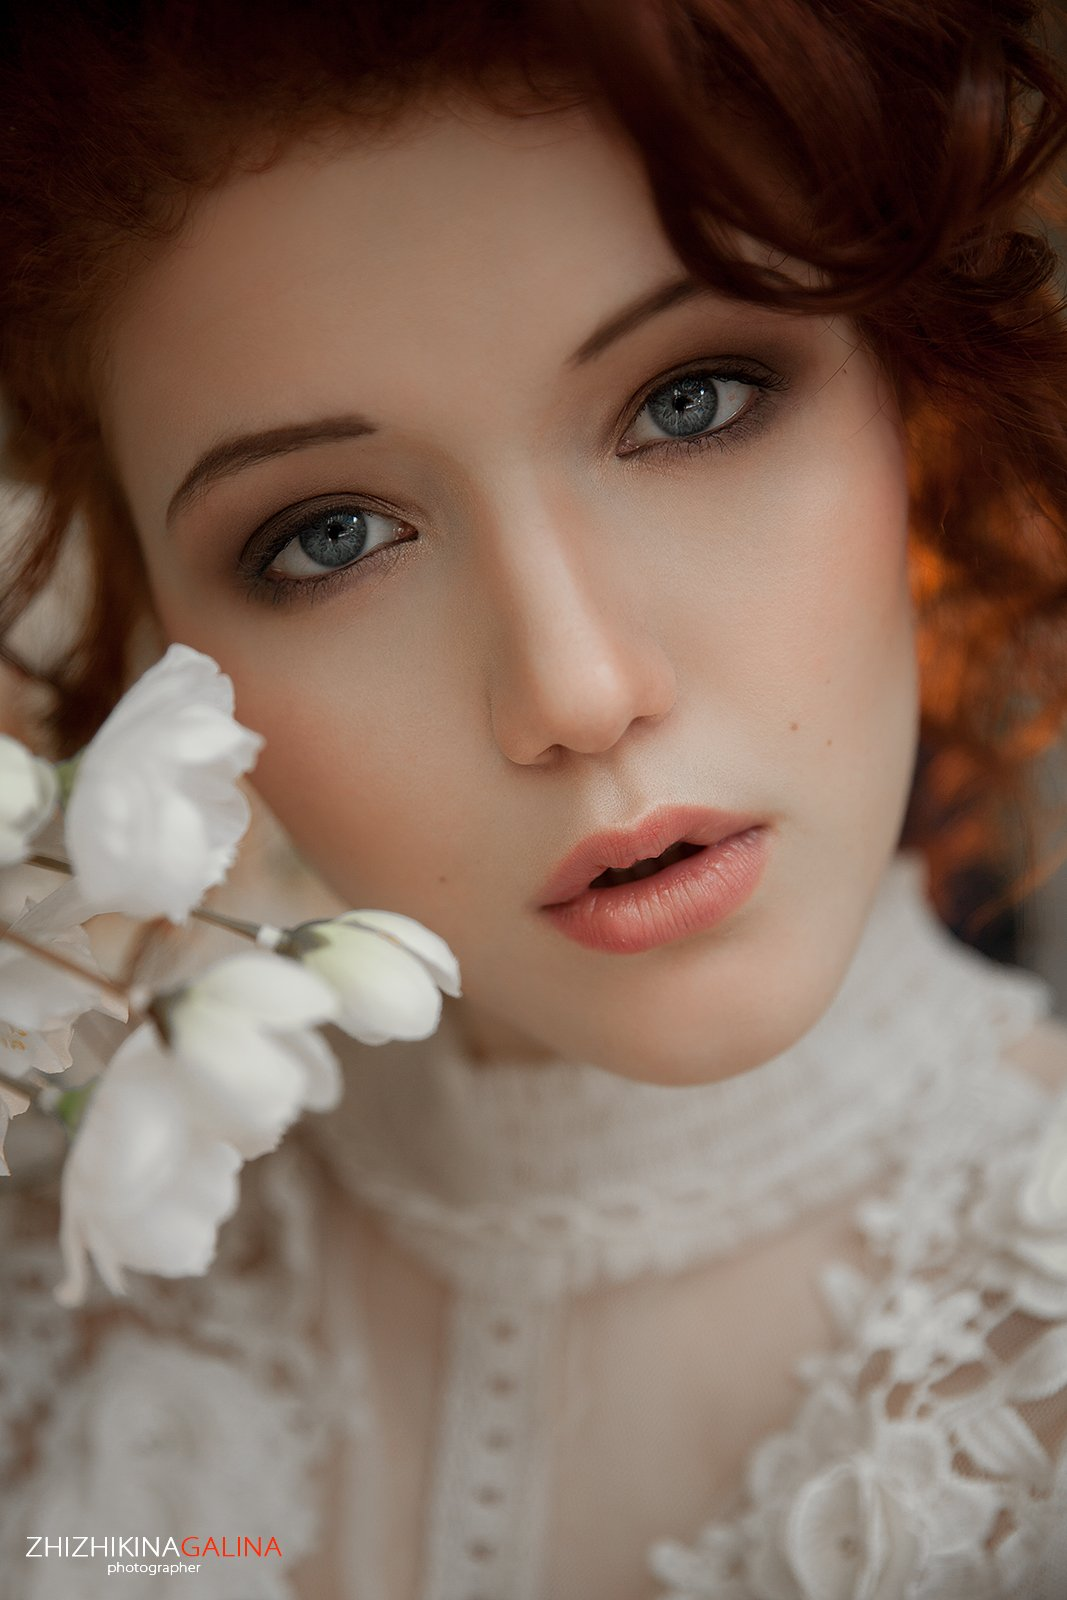 девушка, портрет, взгляд, глаза, portrait, face, girl, beauty, рыжая, фотограф, москва, жижикина, Галина Жижикина